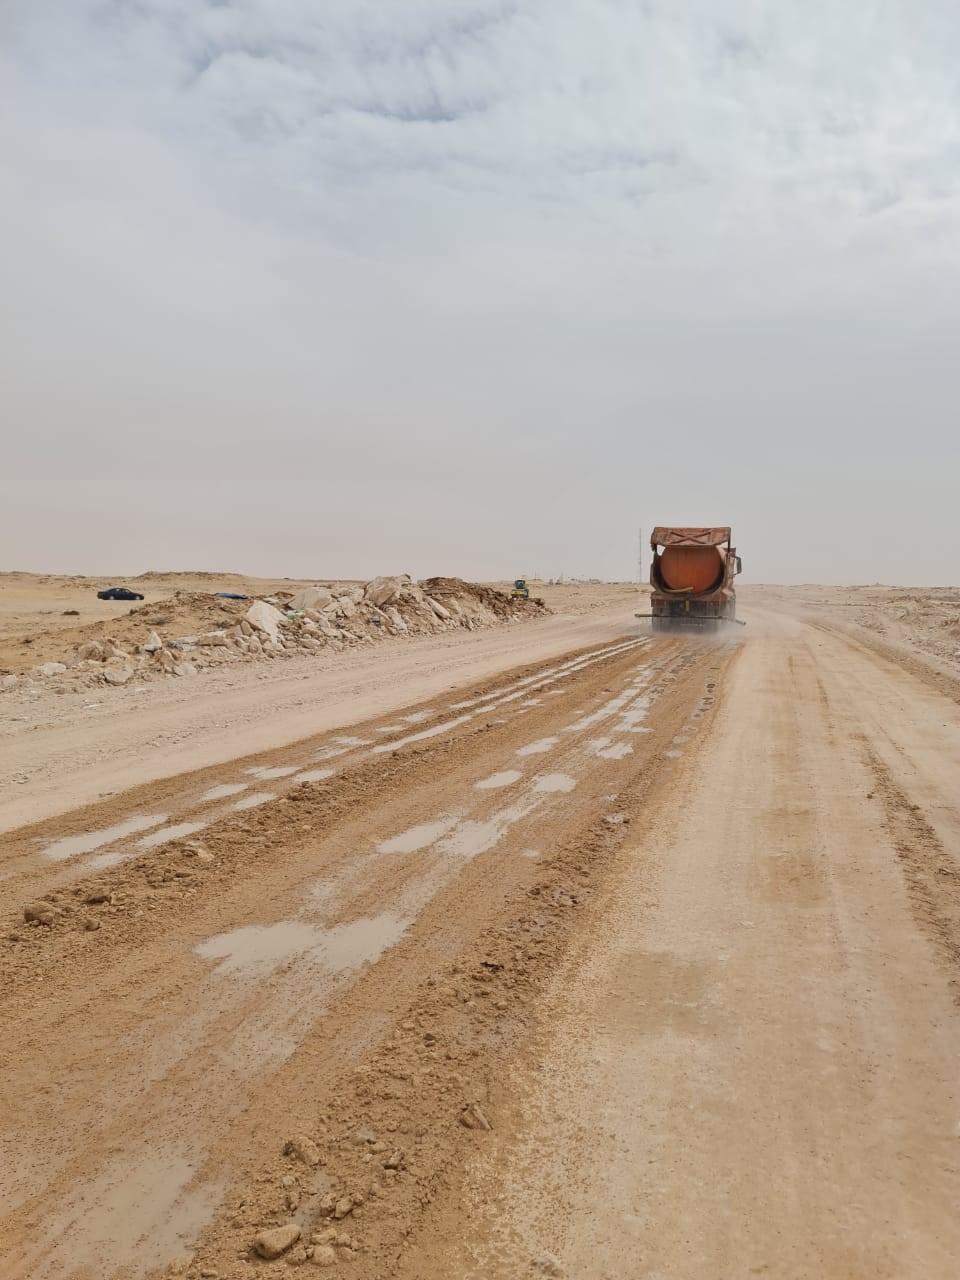 Le Maroc finit de goudronner les 2 kilomètres restants du corridor le séparant de la Mauritanie, qu'empruntent les camions et autres véhicules